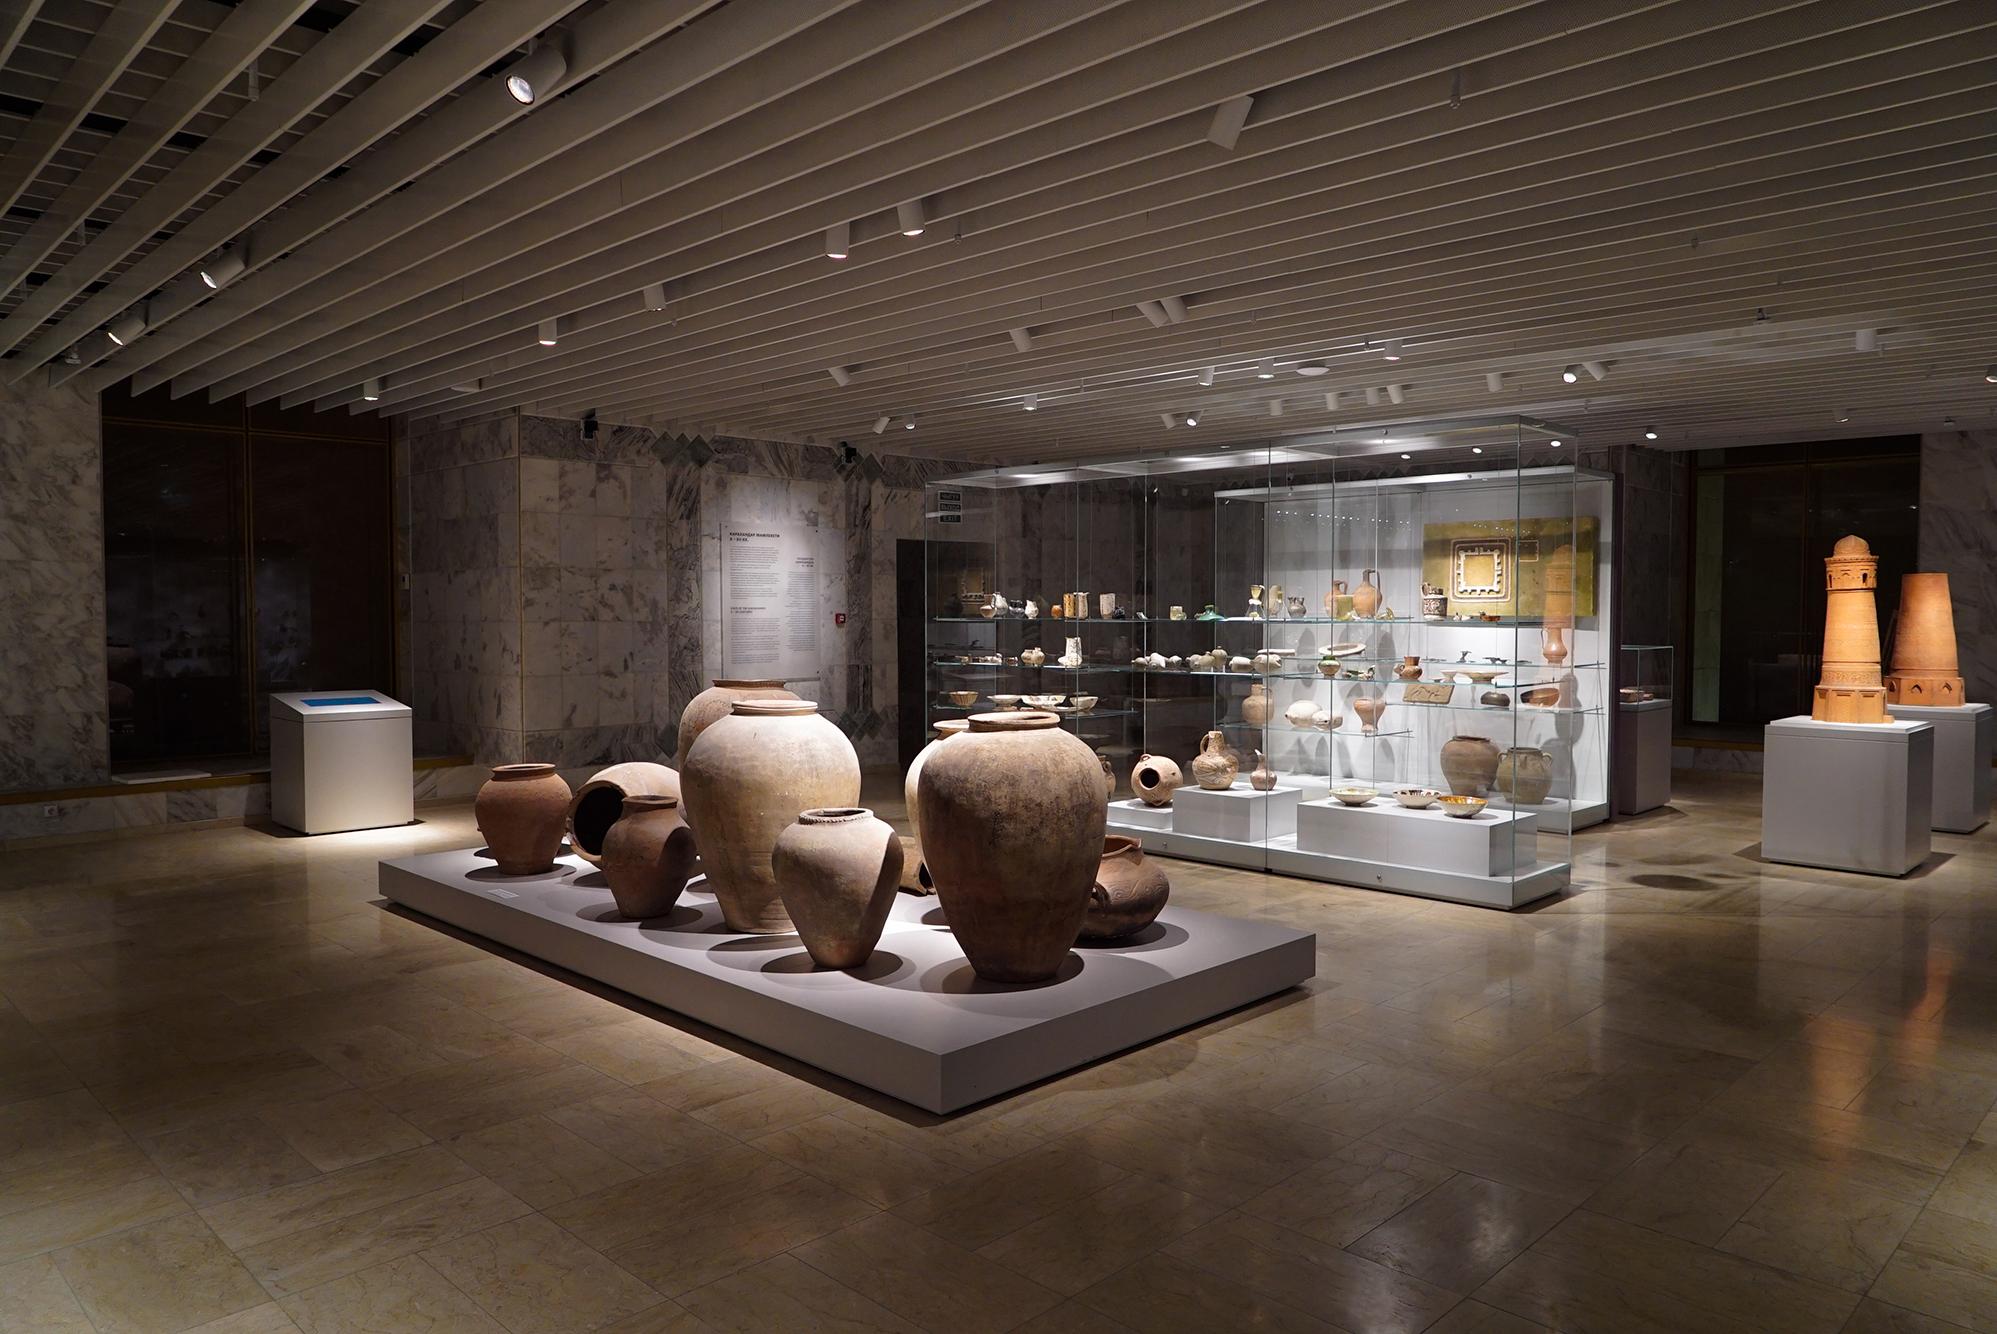 von GROTE Ausstellungsgestaltung und Design / Nationalmuseum der Republik Kirgistan